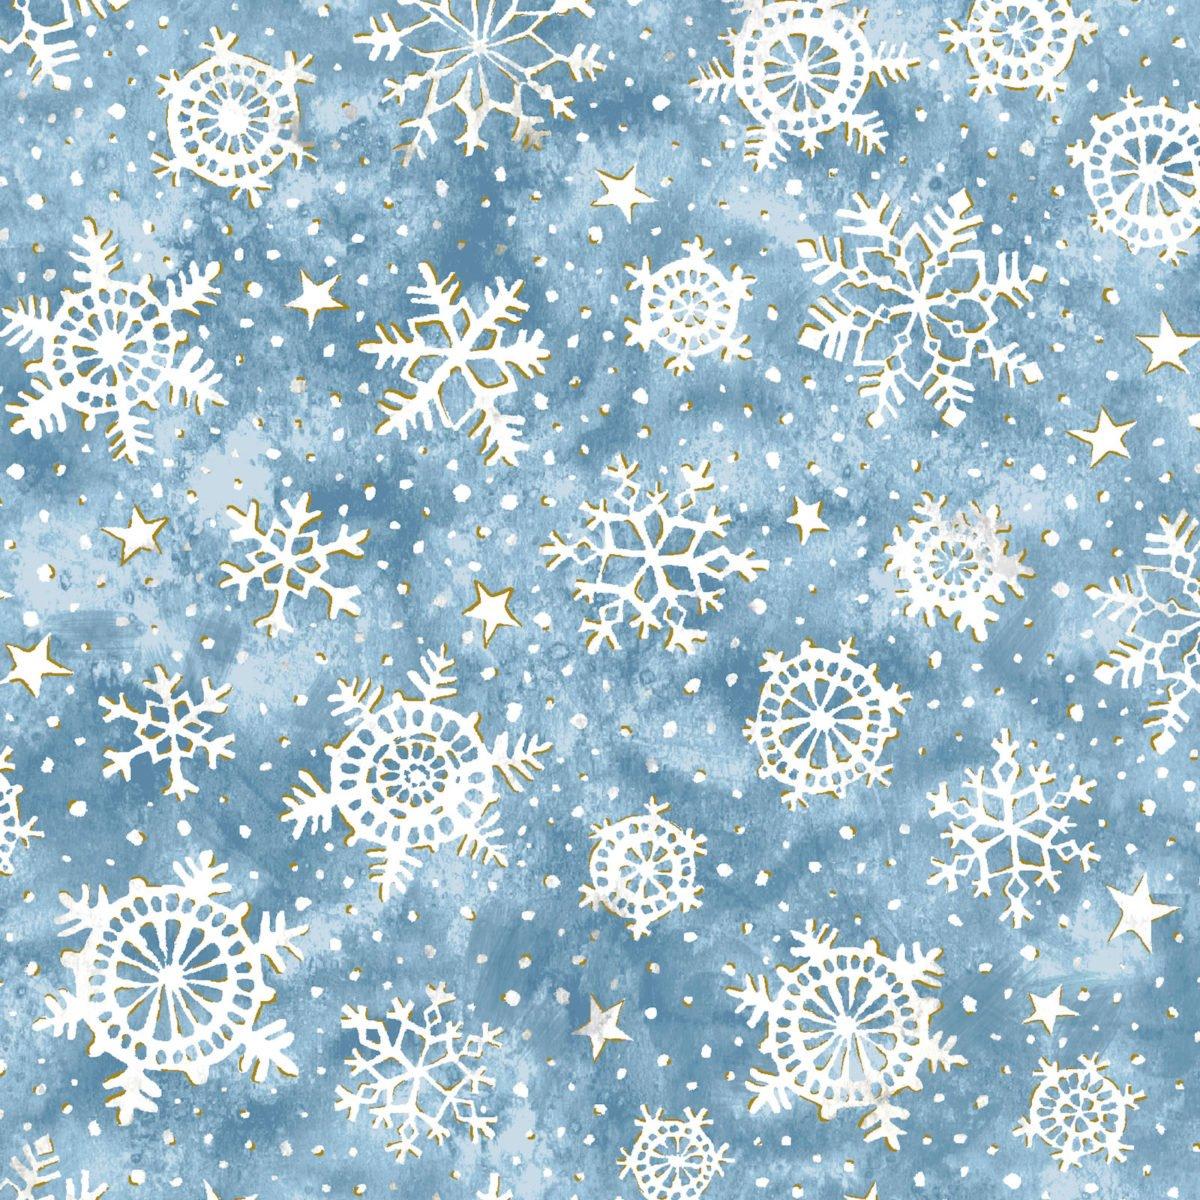 Noel Snowflakes Blue  5937 72